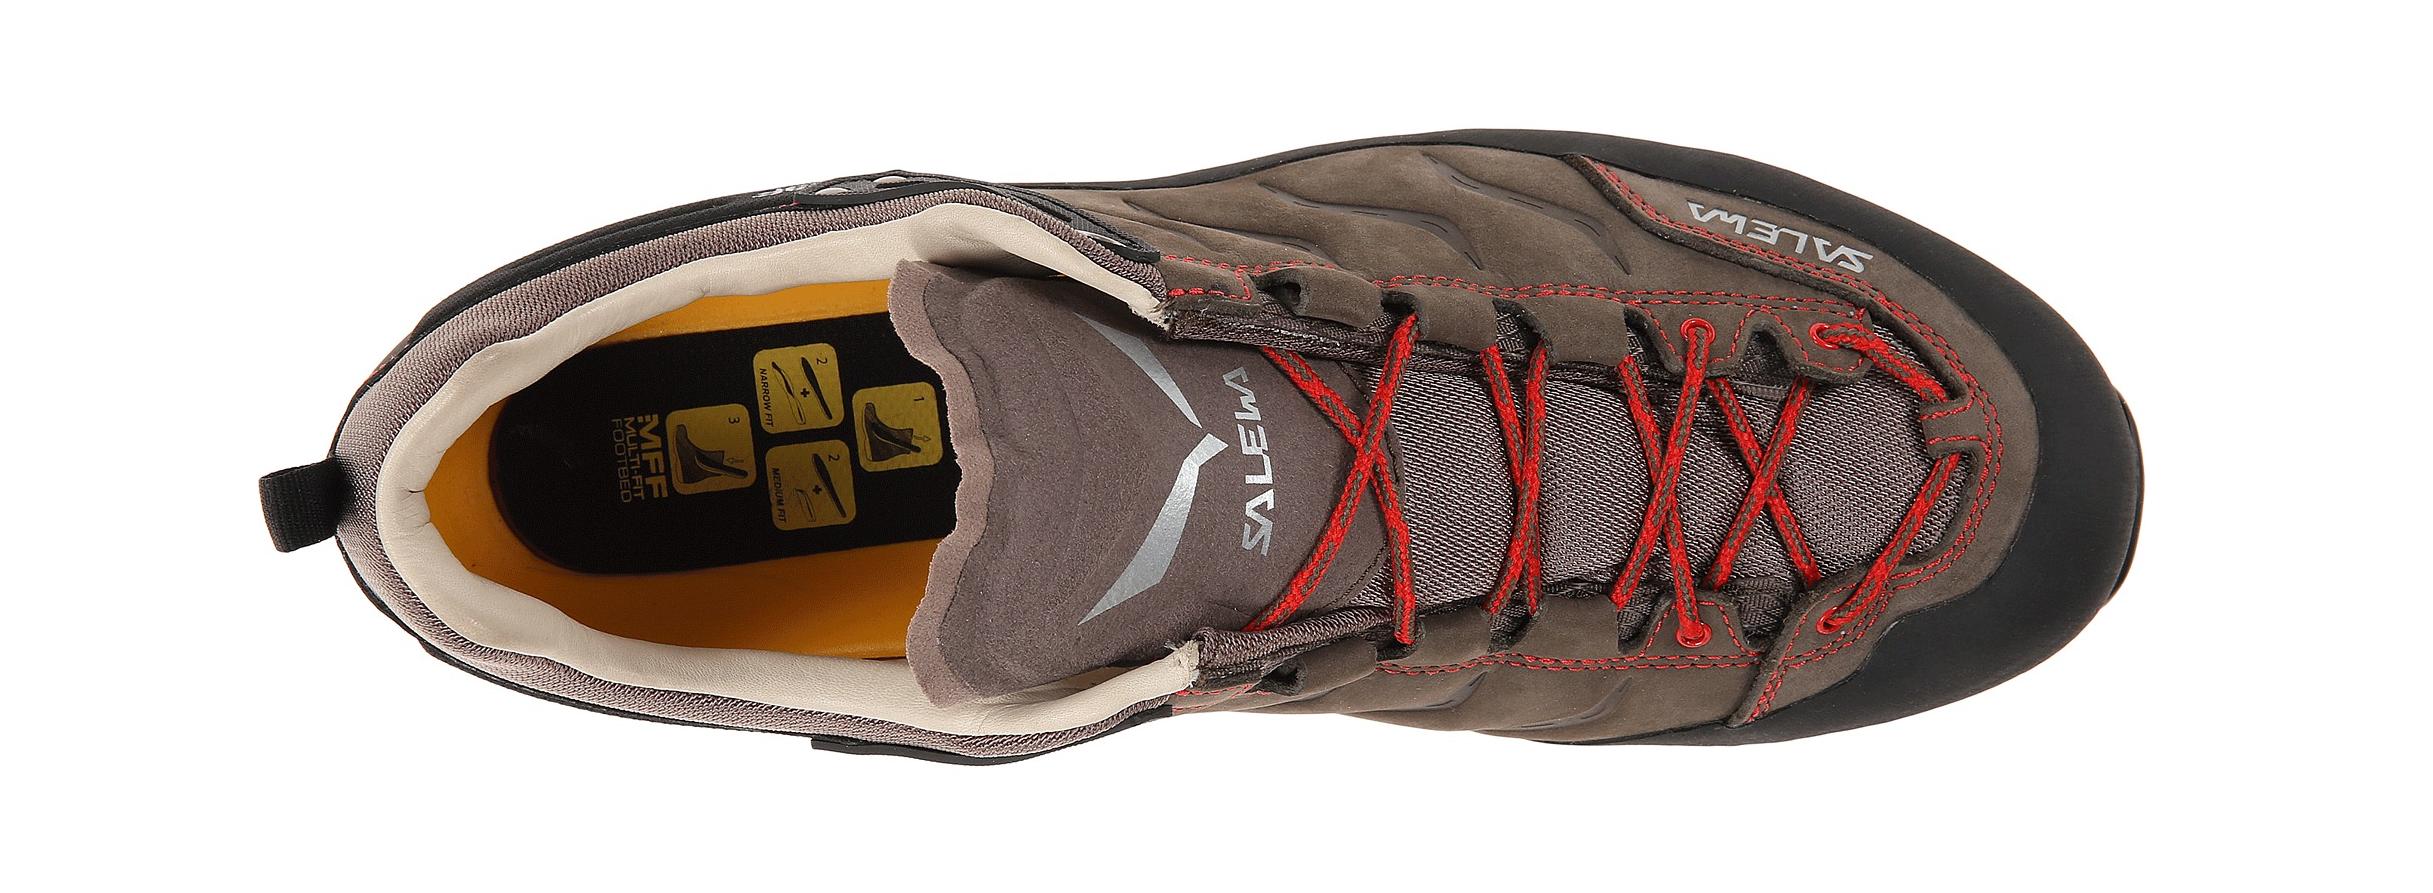 Обувки SALEWA за максимален комфорт